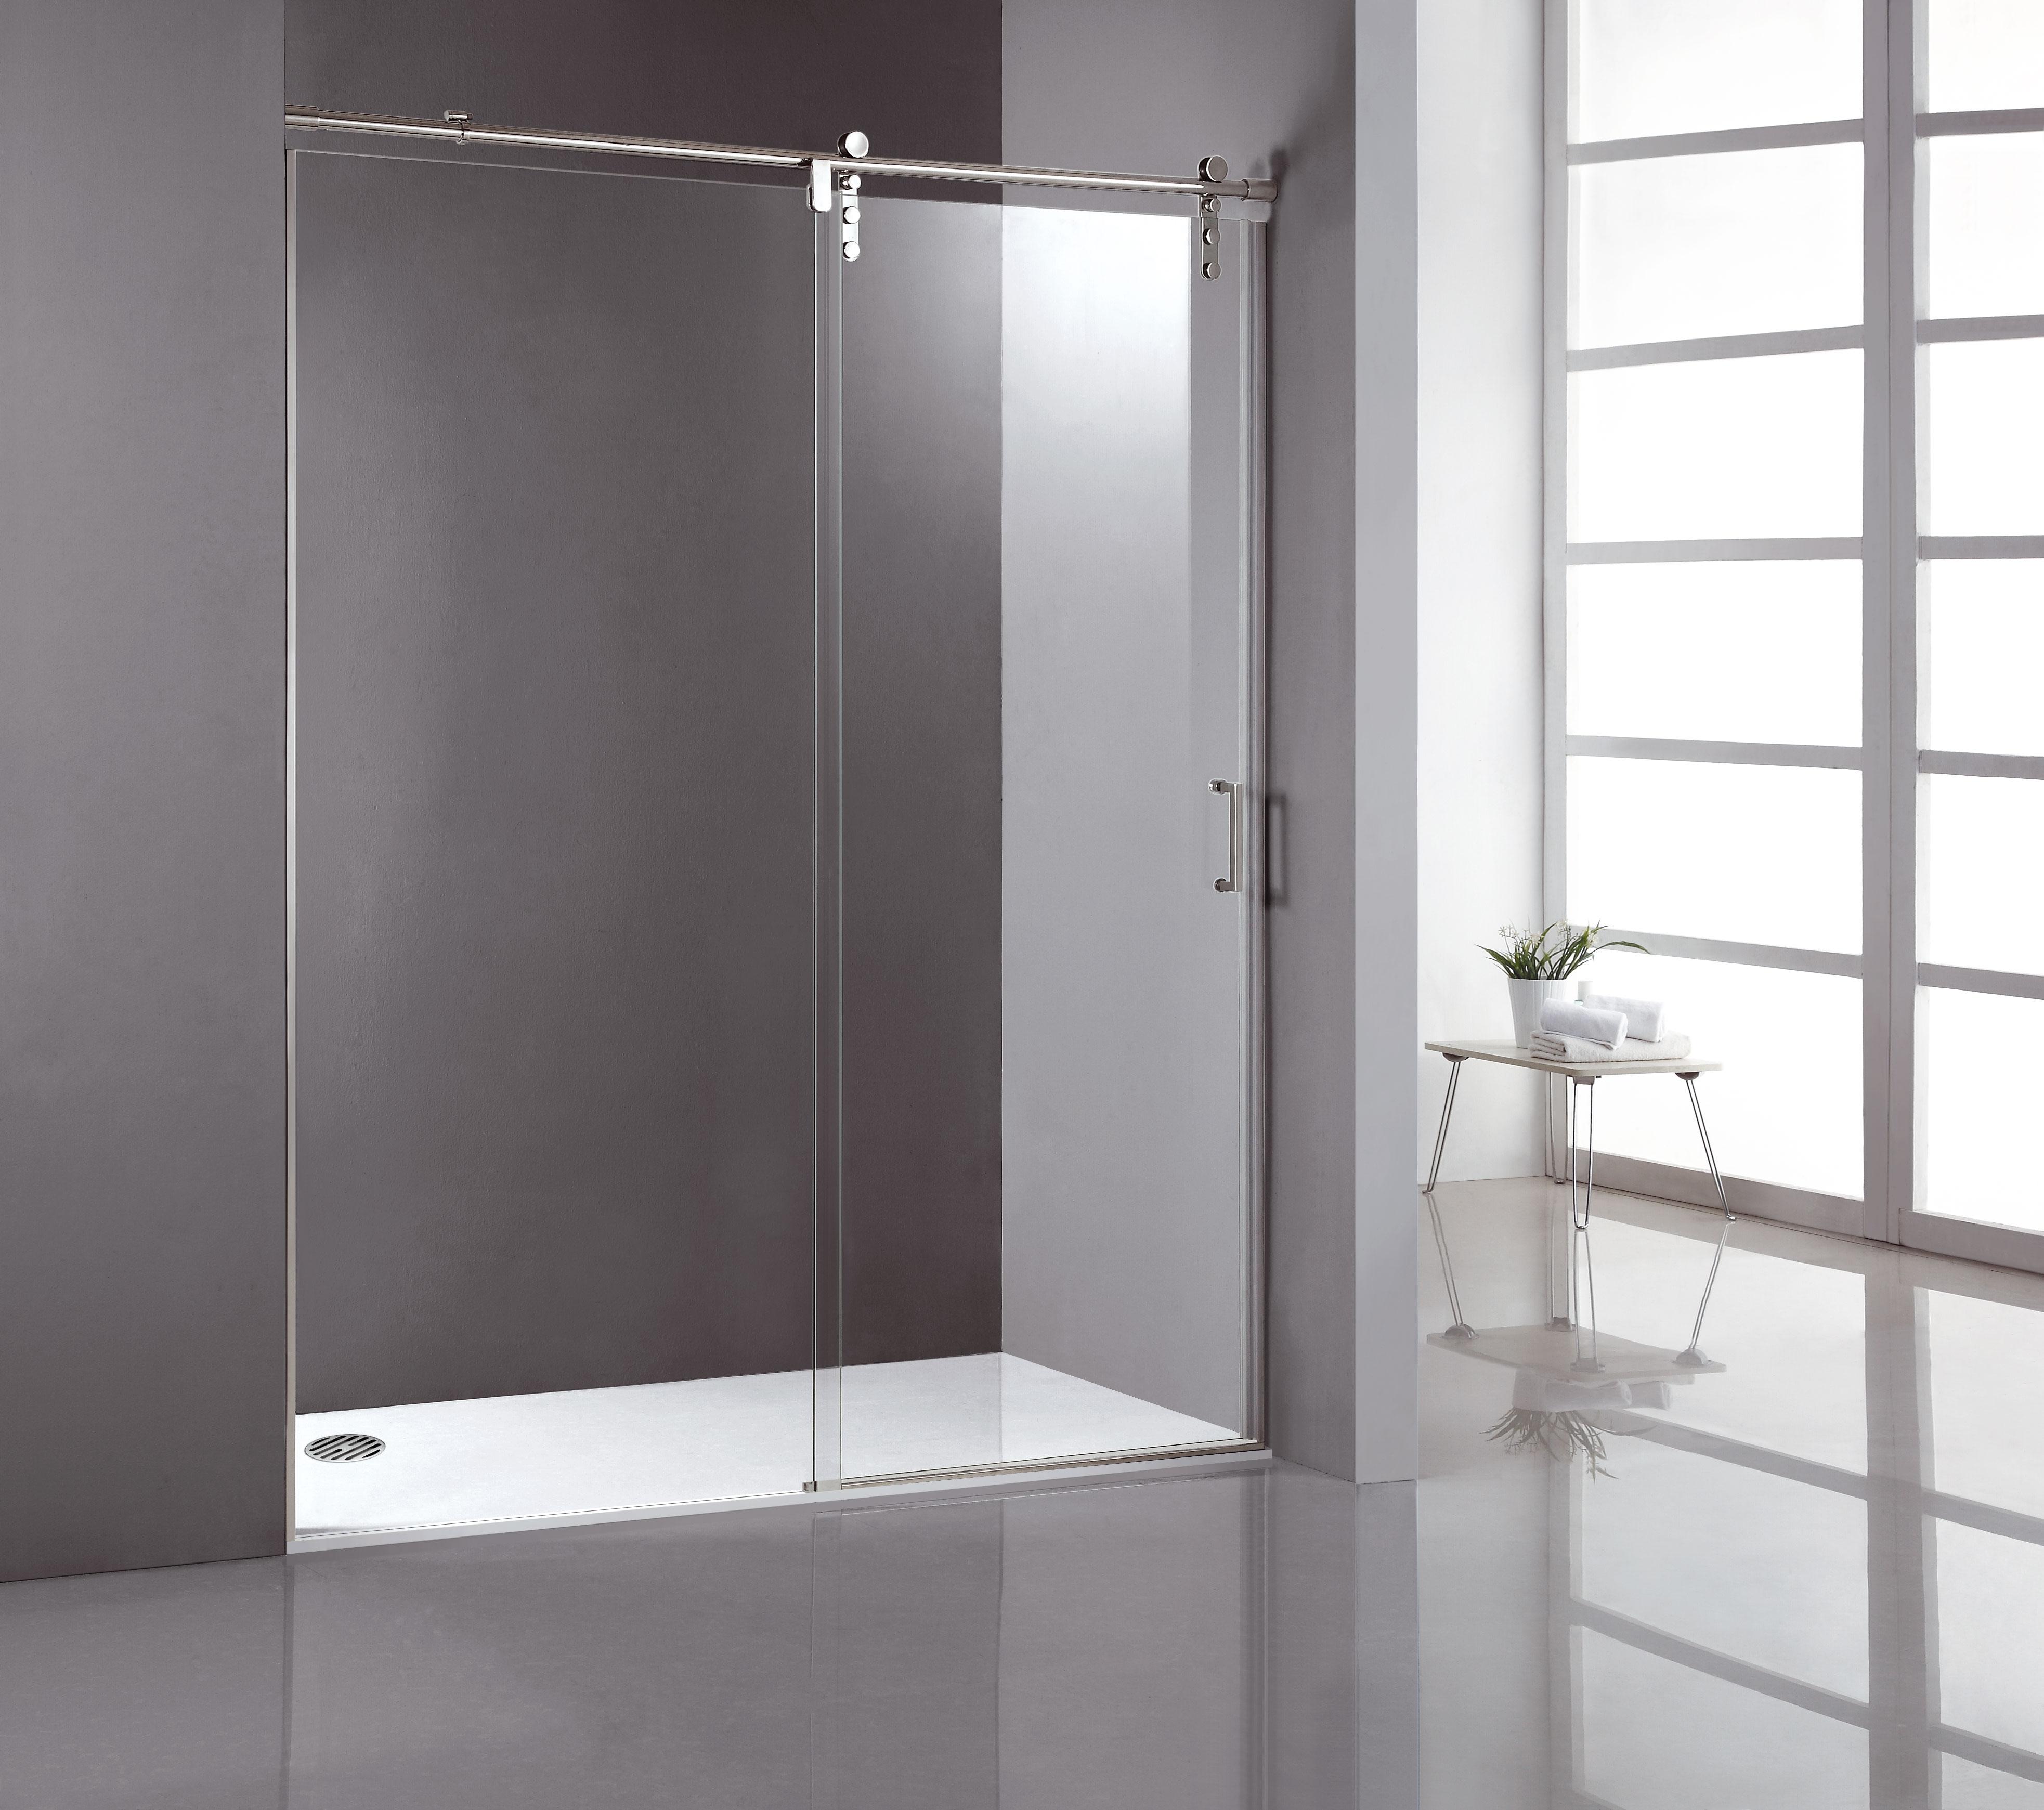 como limpiar mamparas de las duchas conslymp a solo